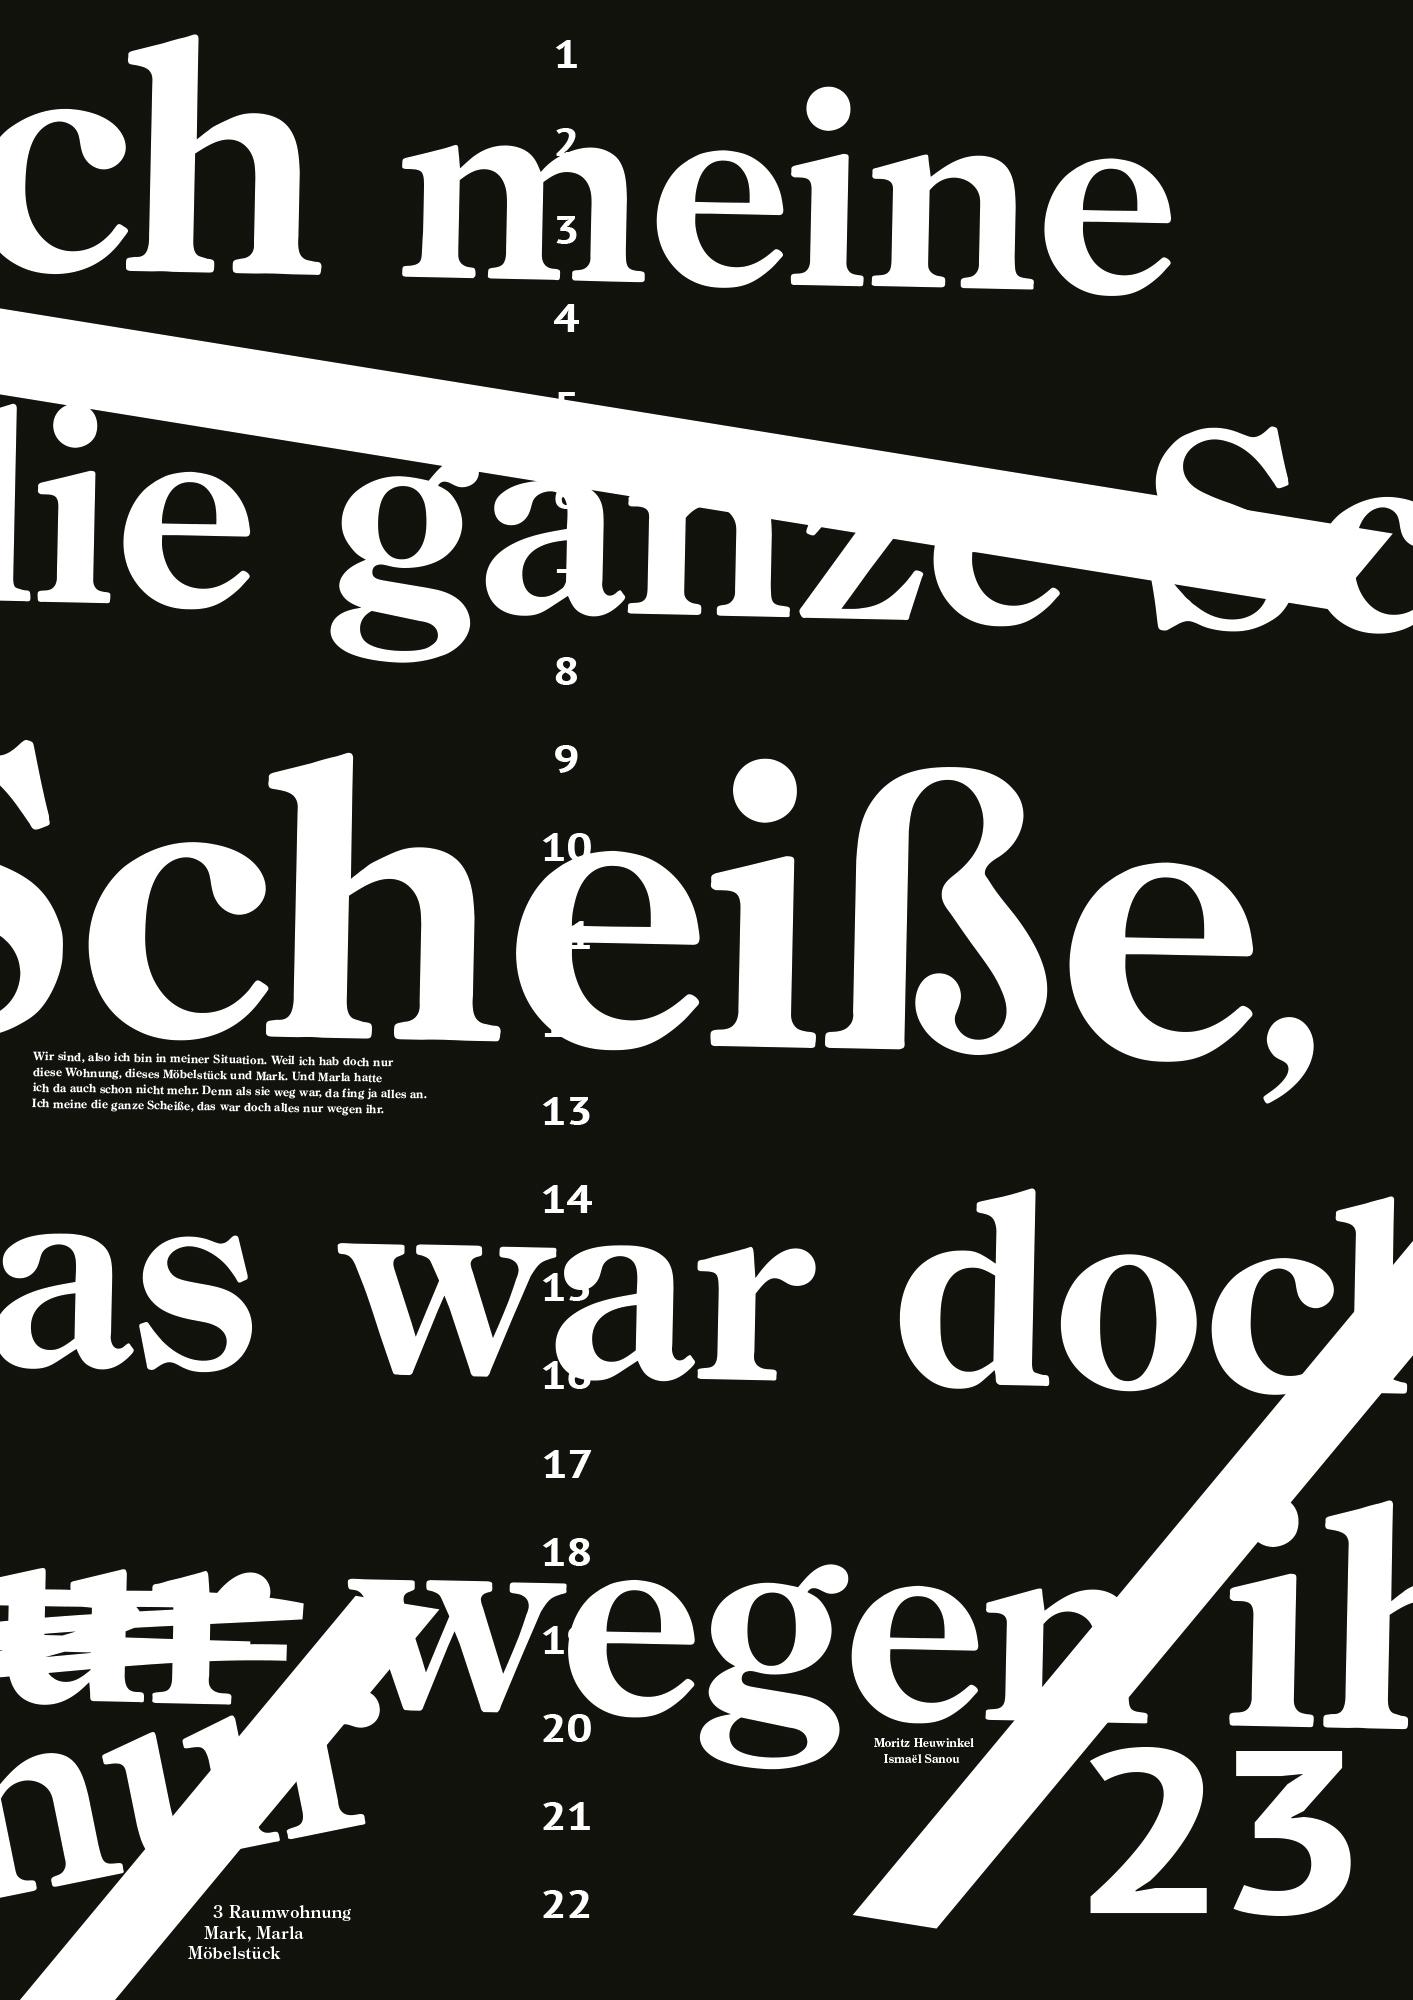 3 Raumwohnung Plakat Design Buchgestaltung black clean Poster Universität der Künste Berlin